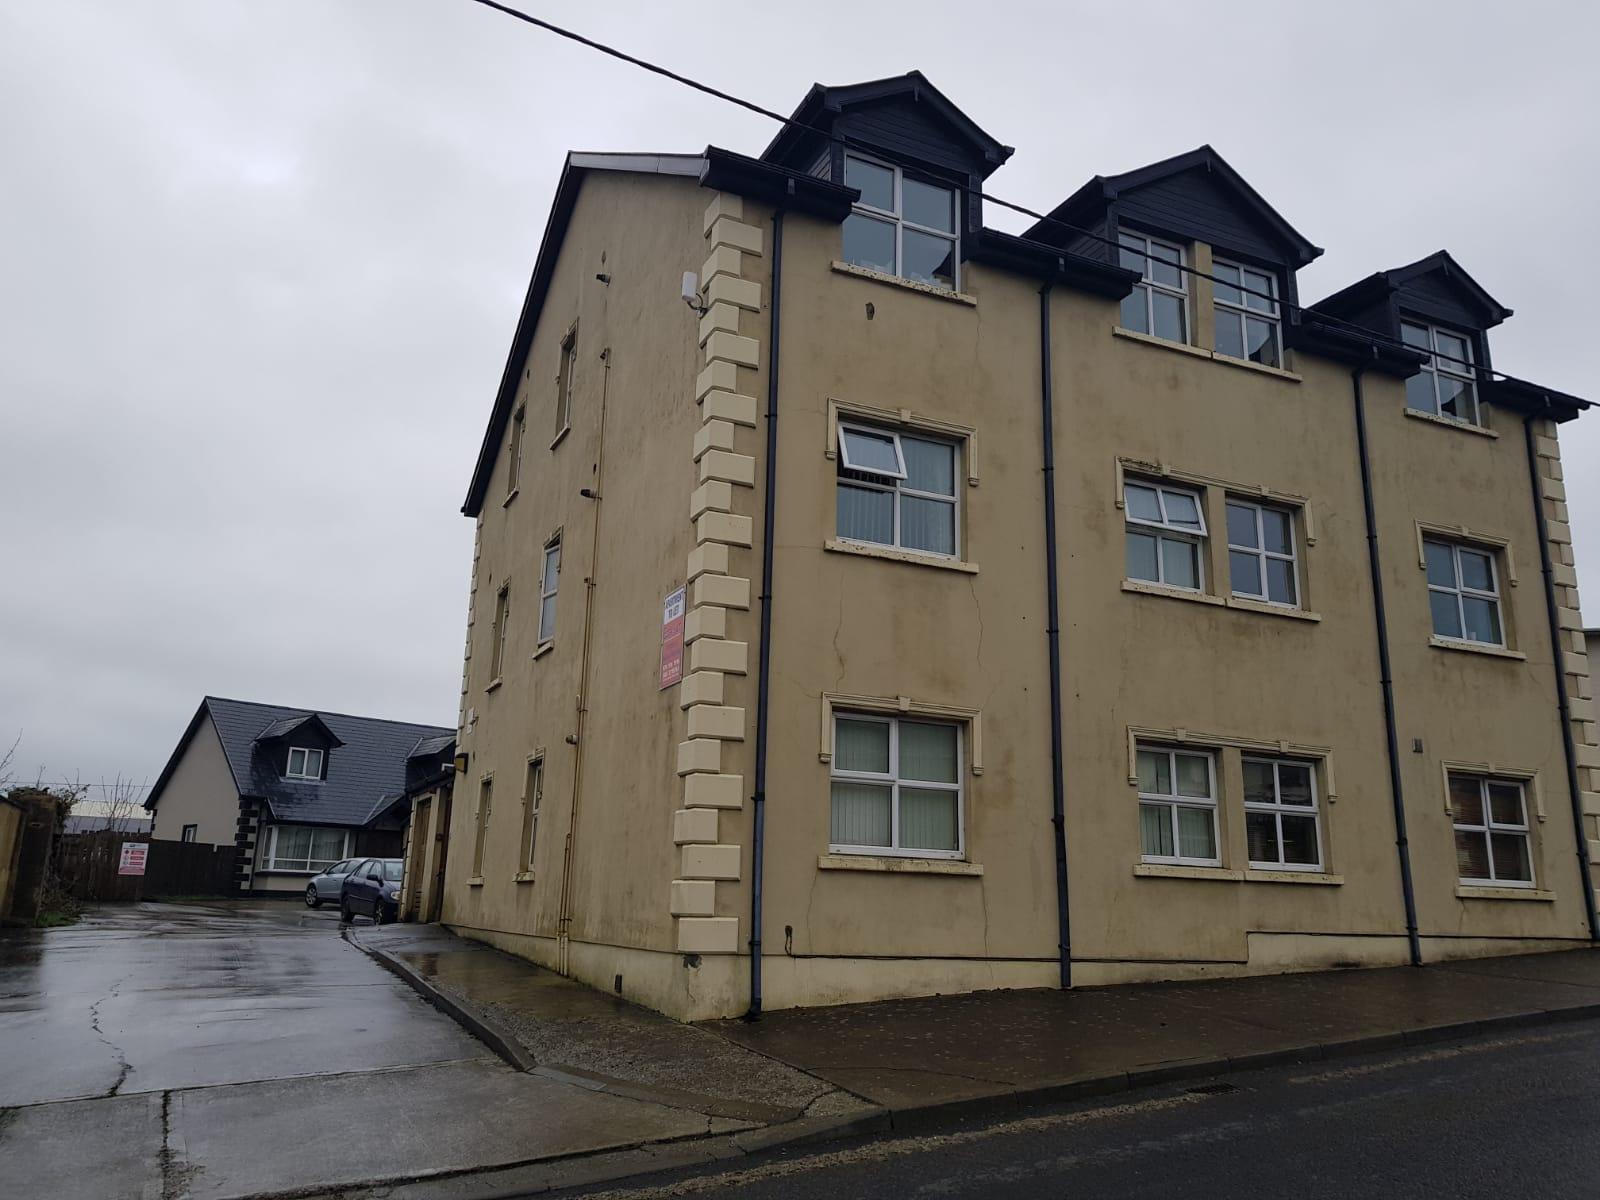 Apt 8 Aishlinn Manor, Castlefin, Co Donegal F93 FW13